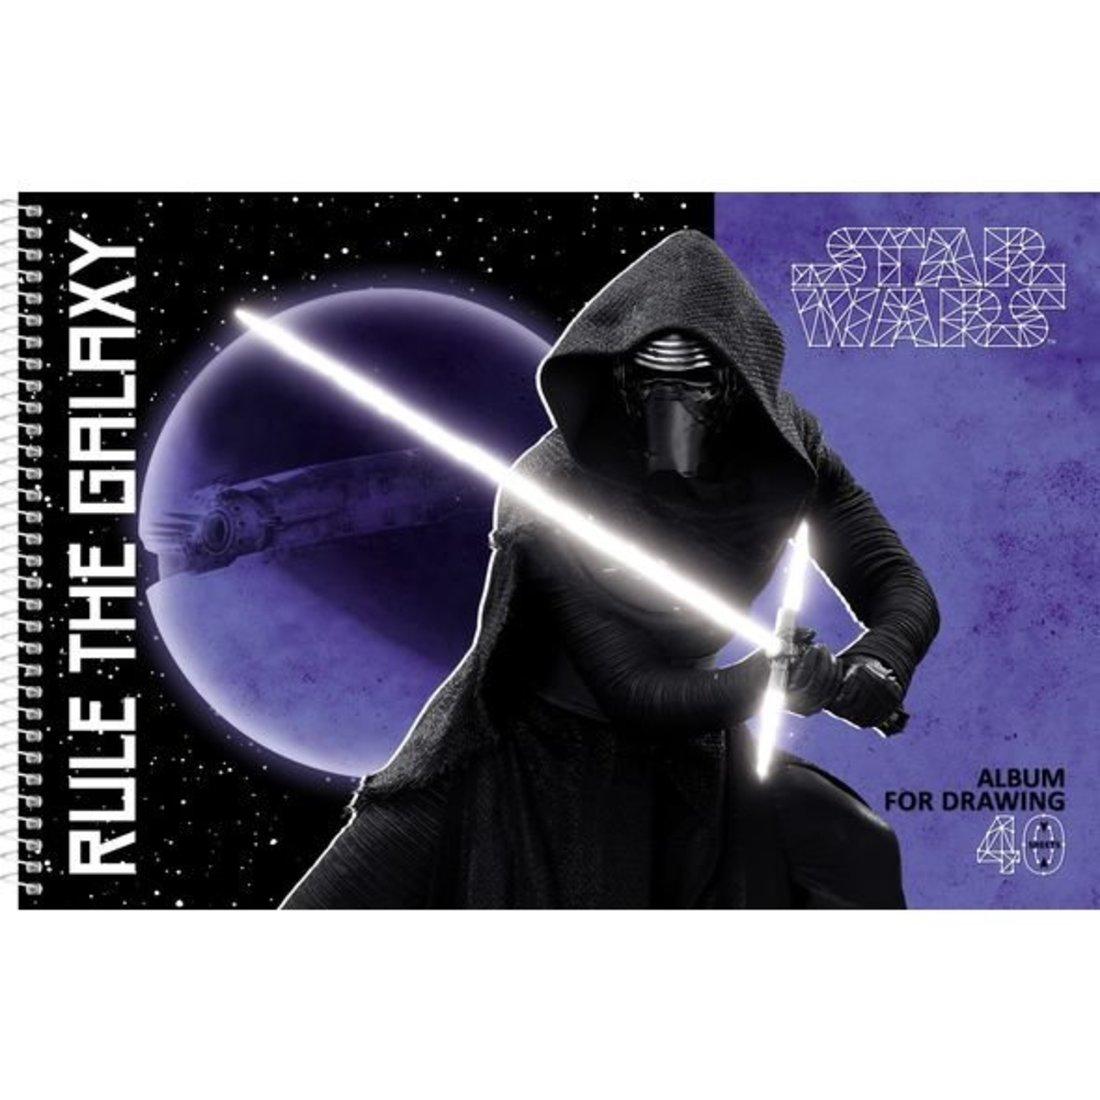 Альбом для рисования 40л А4ф на спирали Звёздные войны, в ассорт.